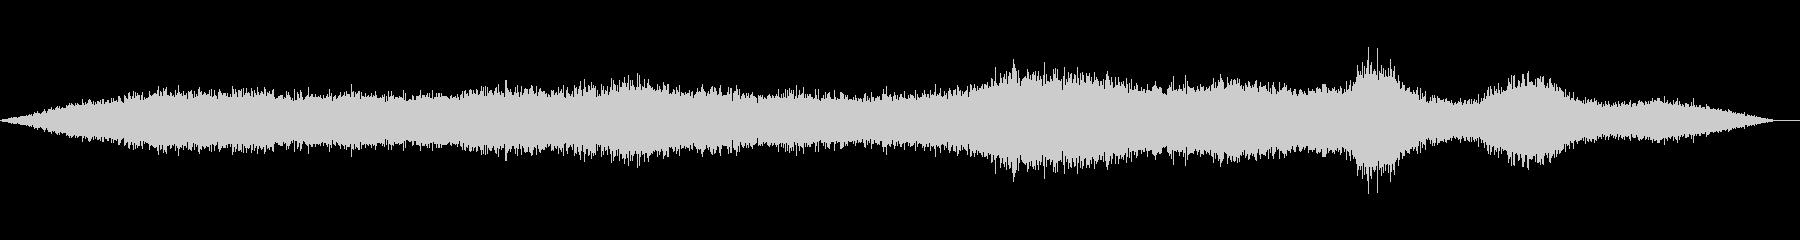 【海】【波の音】太平洋 30秒 【生音】の未再生の波形